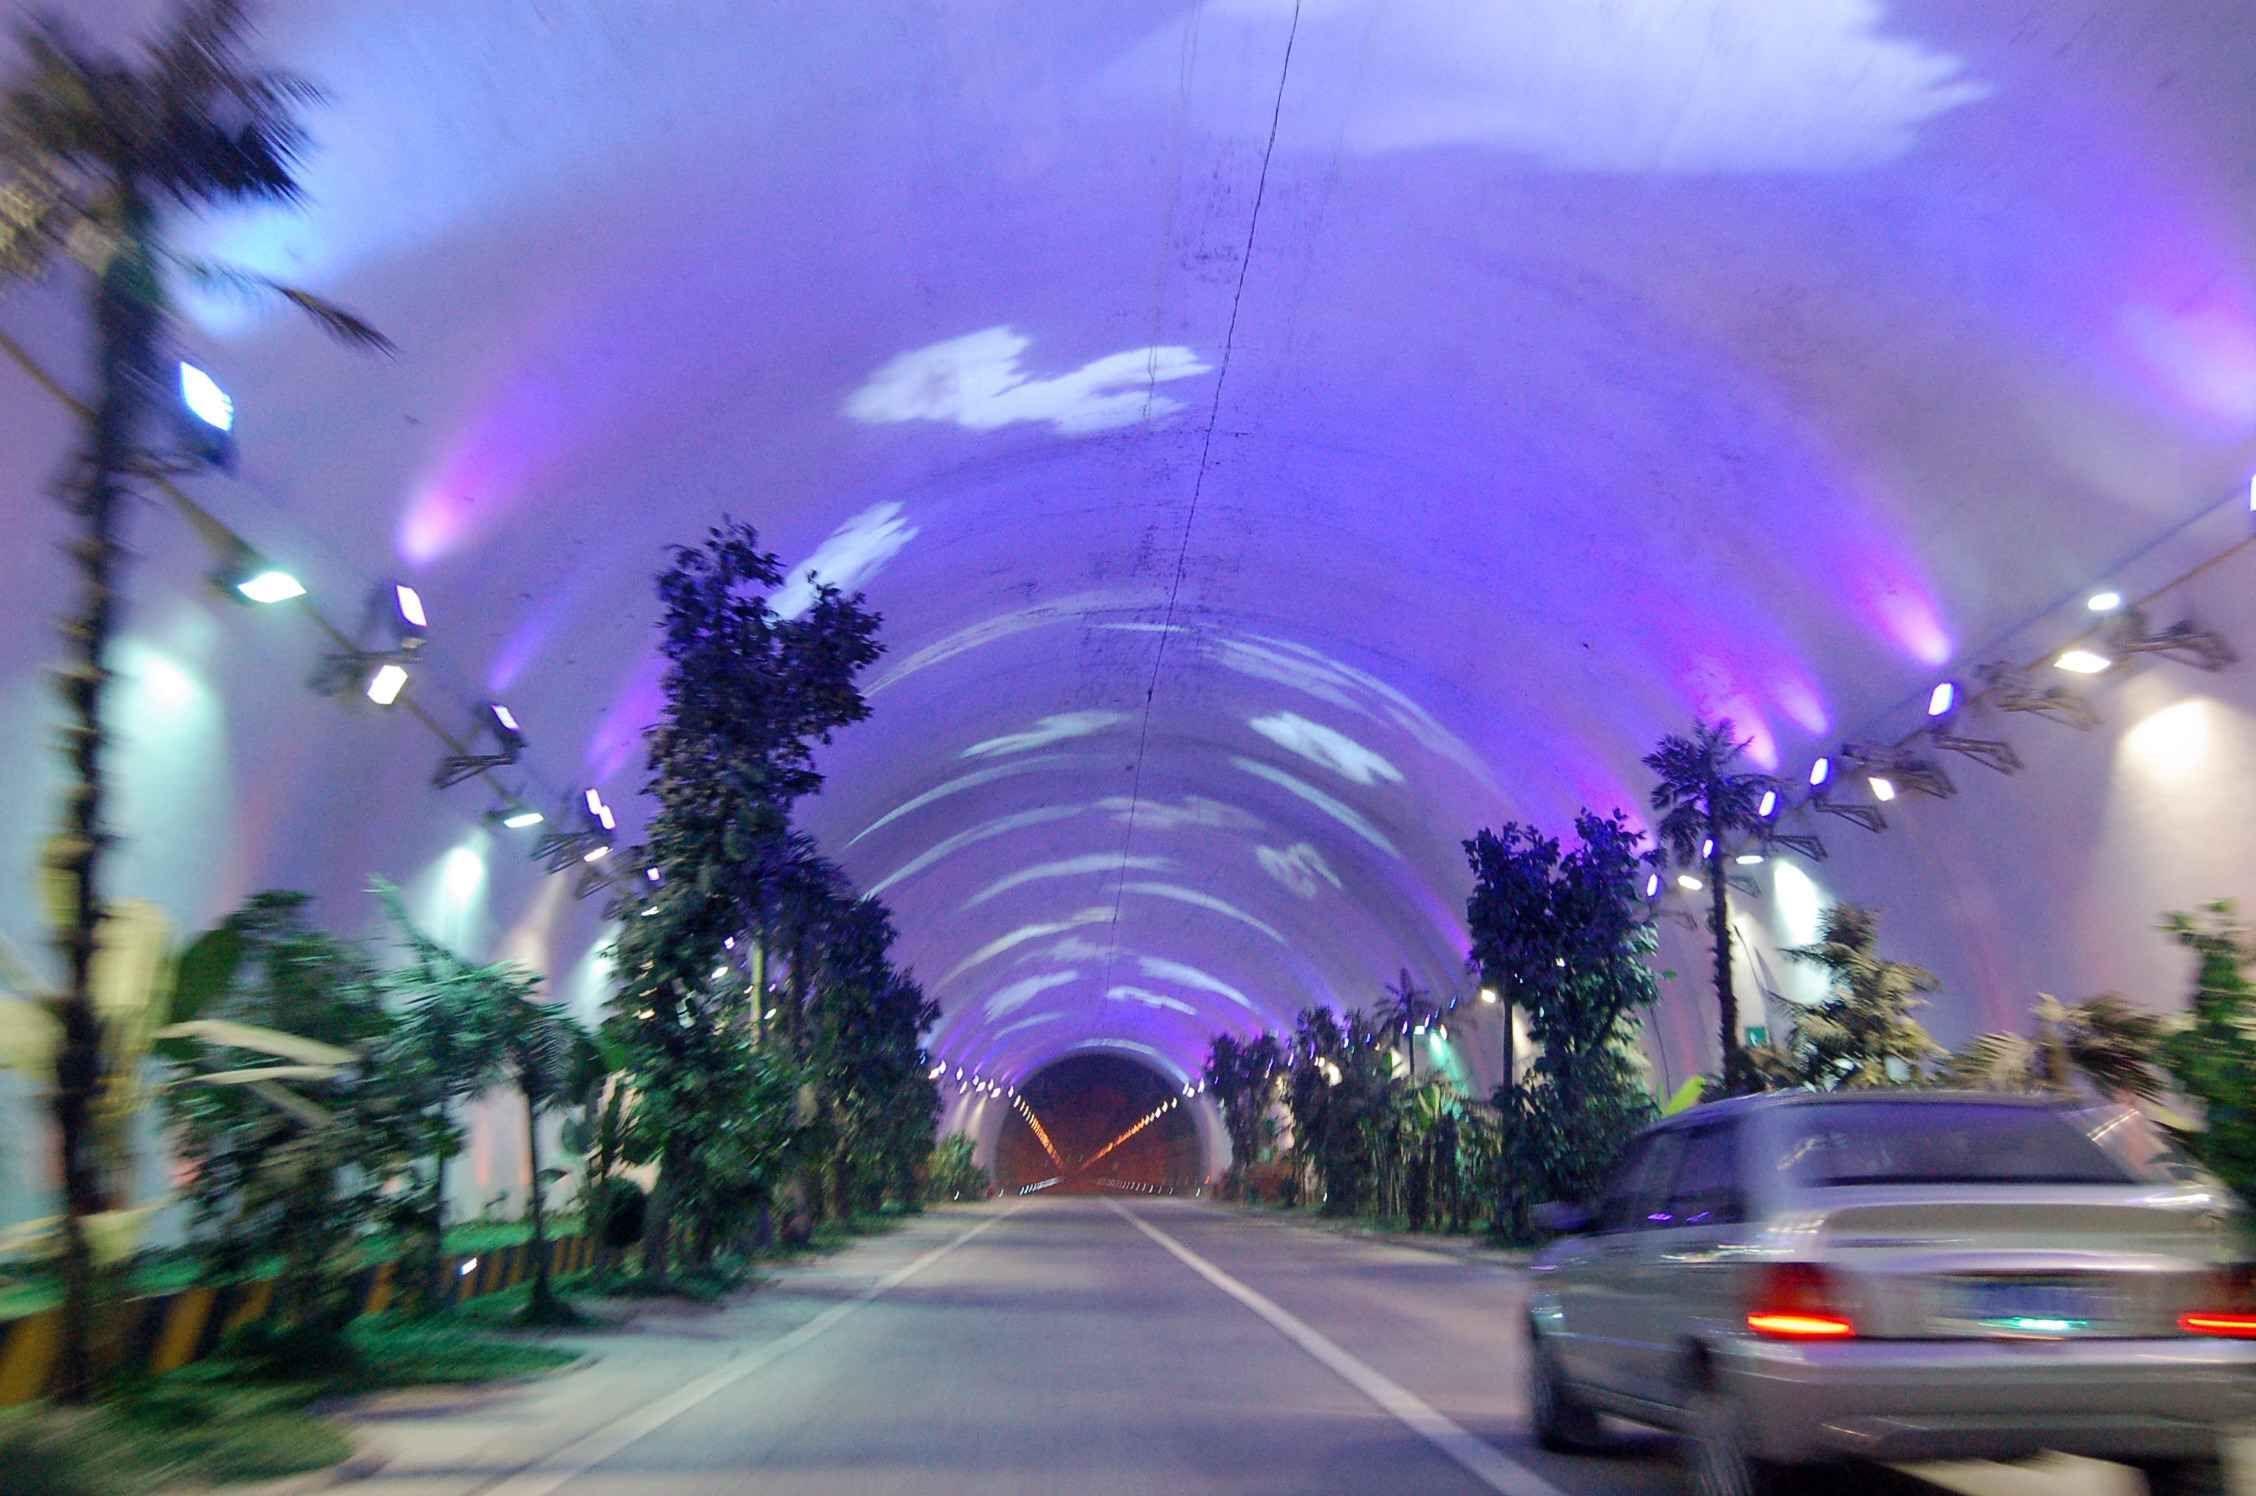 世界上最長最美的隧道,位于中國北方